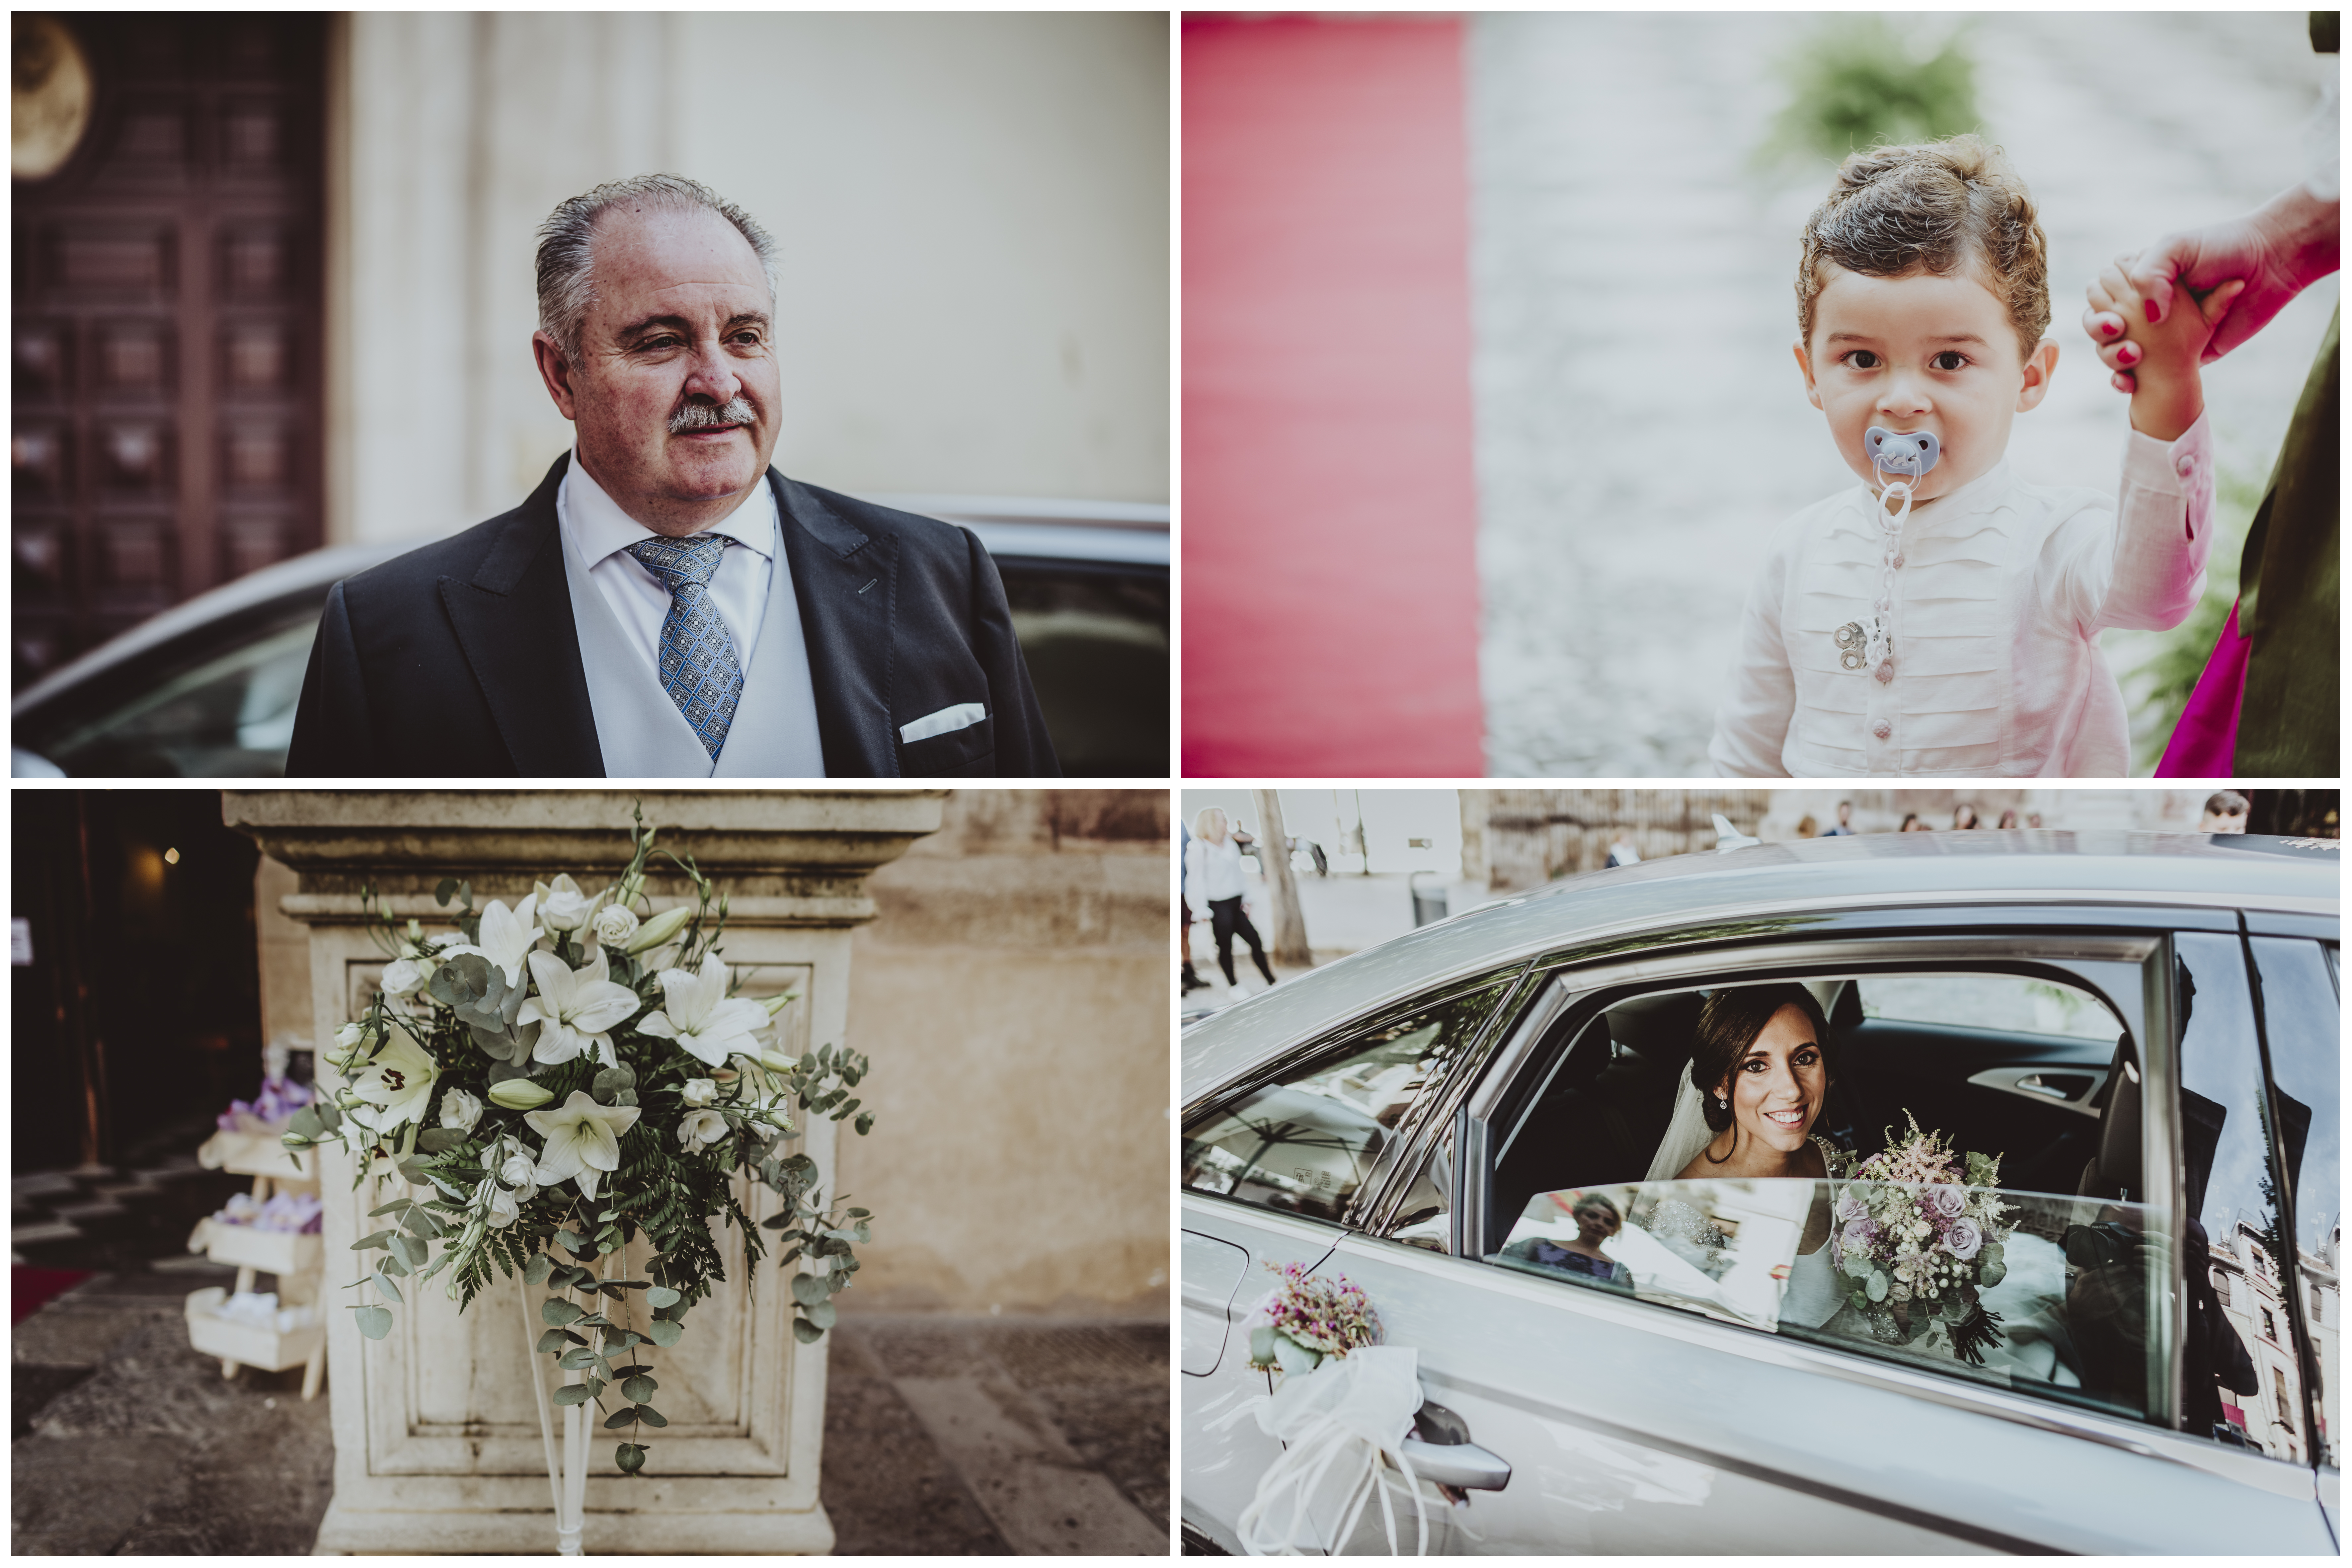 garate-fotografia-de-boda-en-Granada (25)